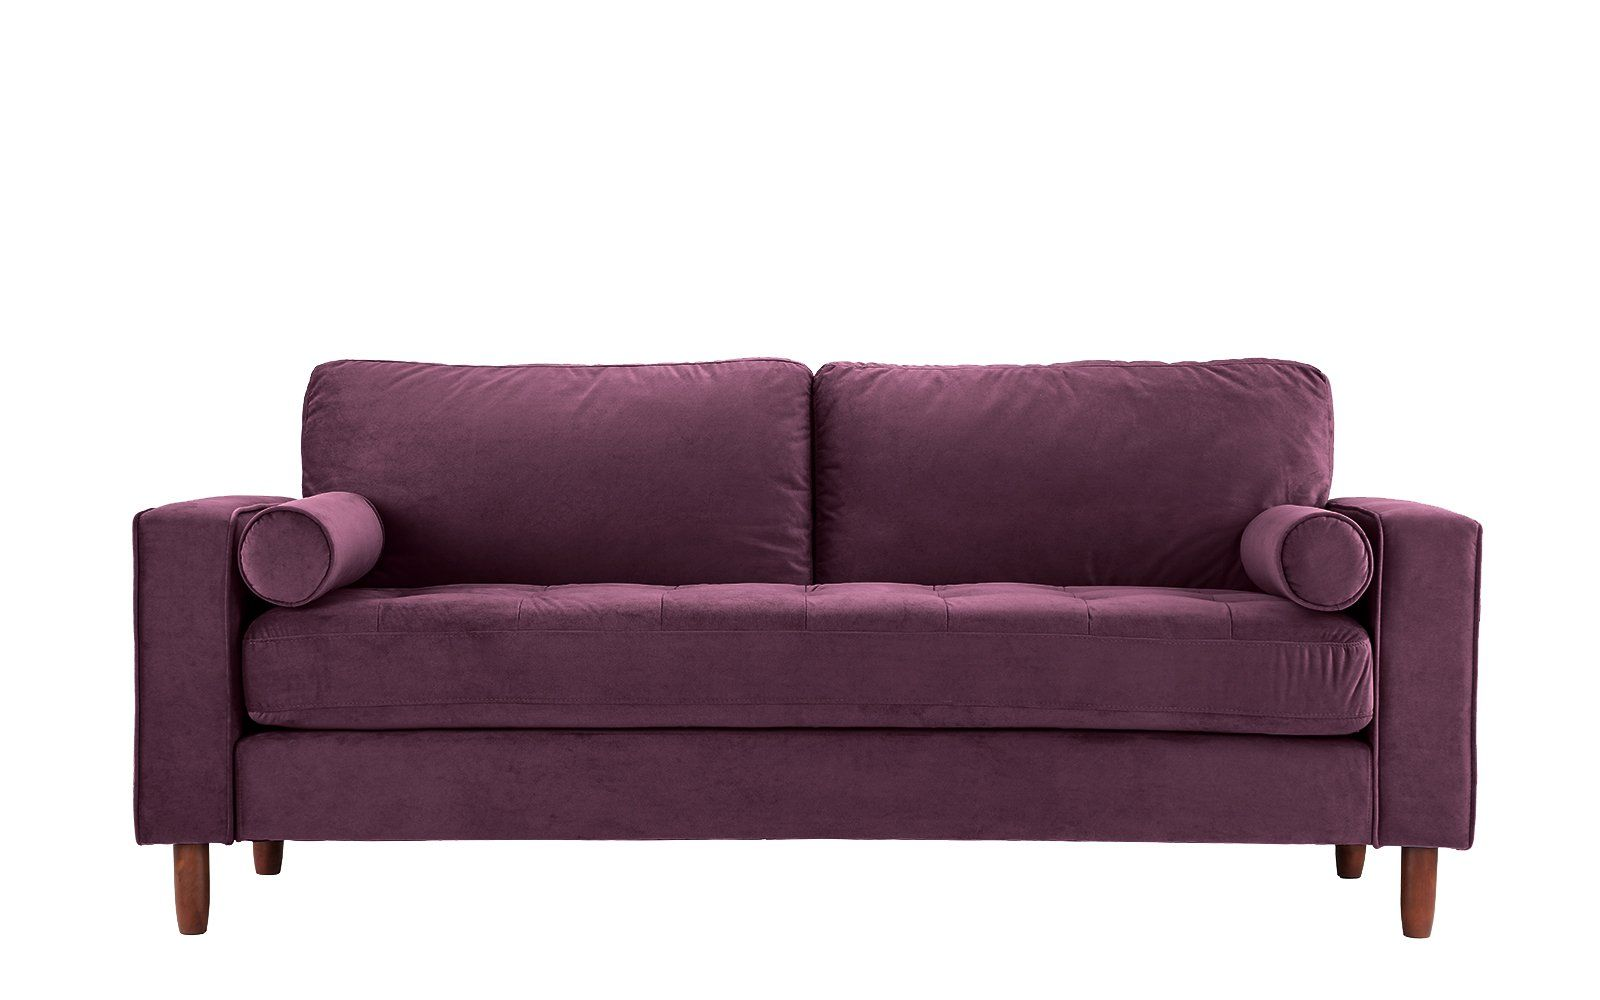 ember tufted velvet sofa with bolster pillows products pinterest rh pinterest com